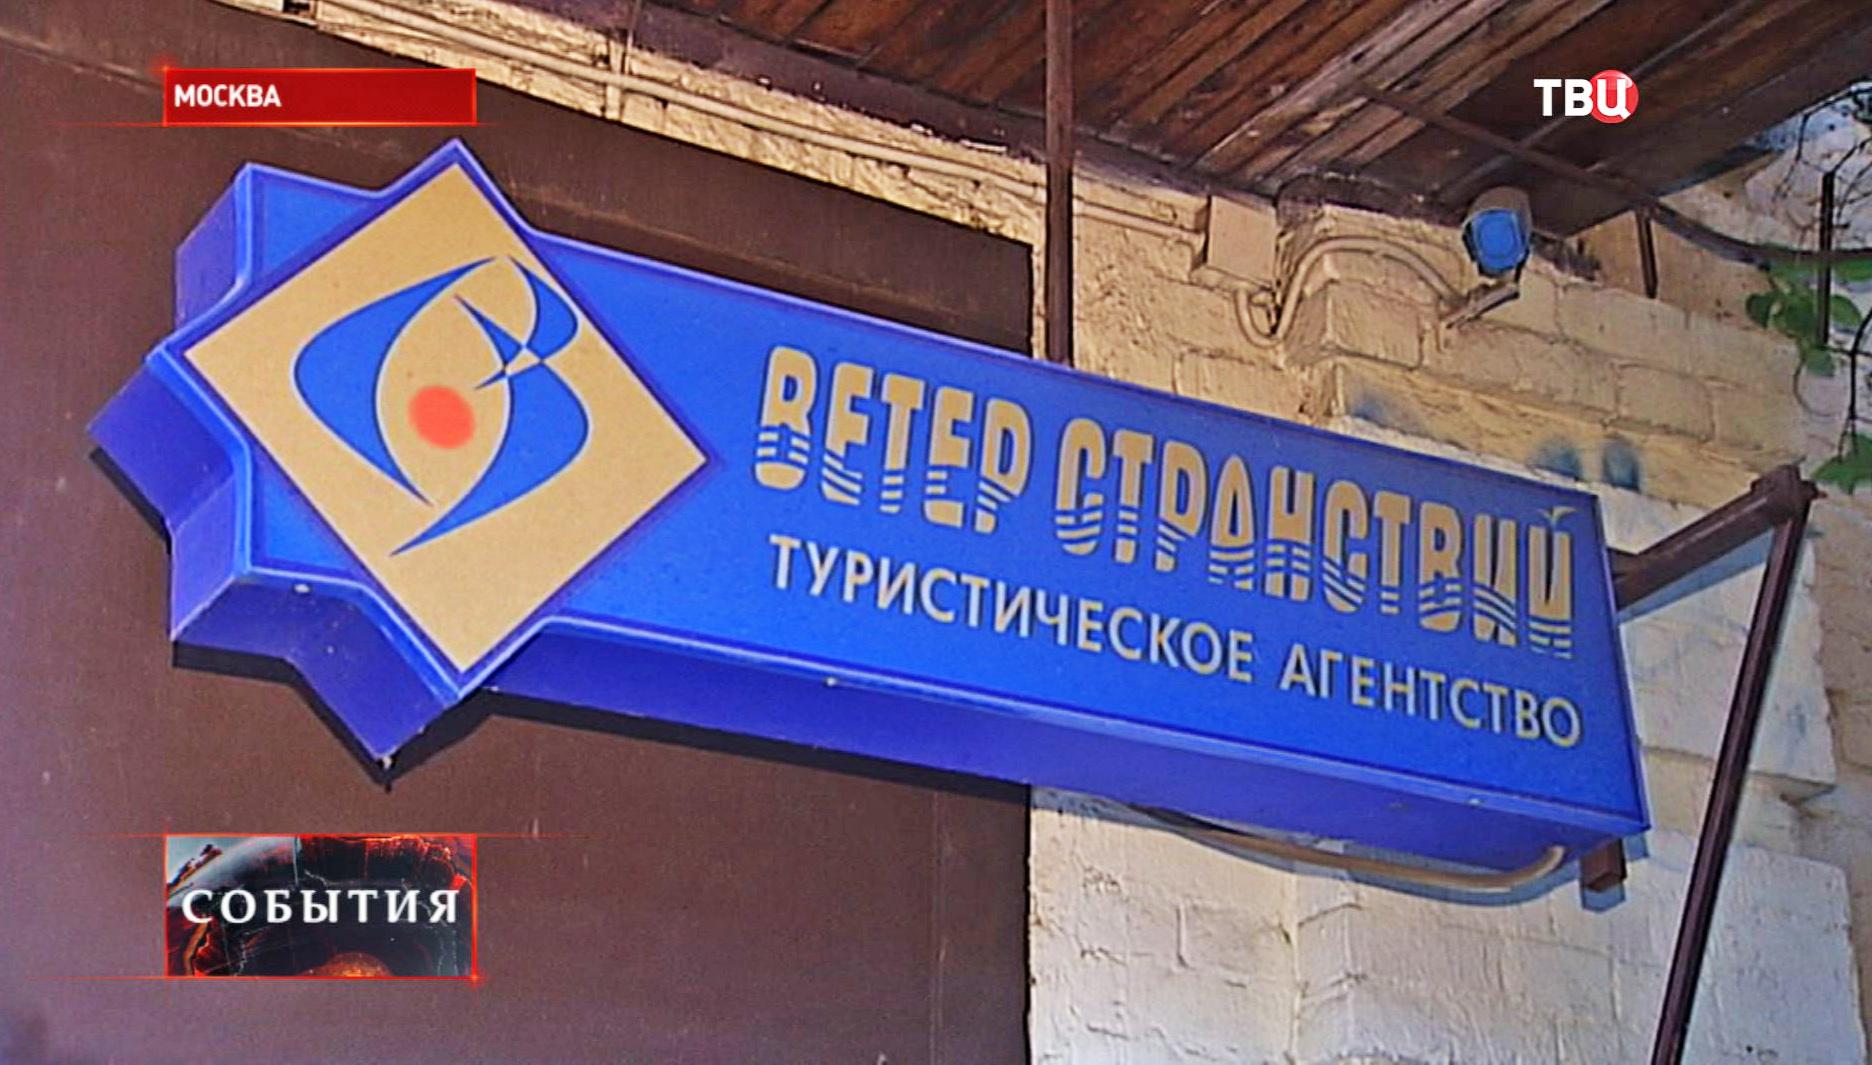 """Туристическая фирма """"Ветер странствий"""""""